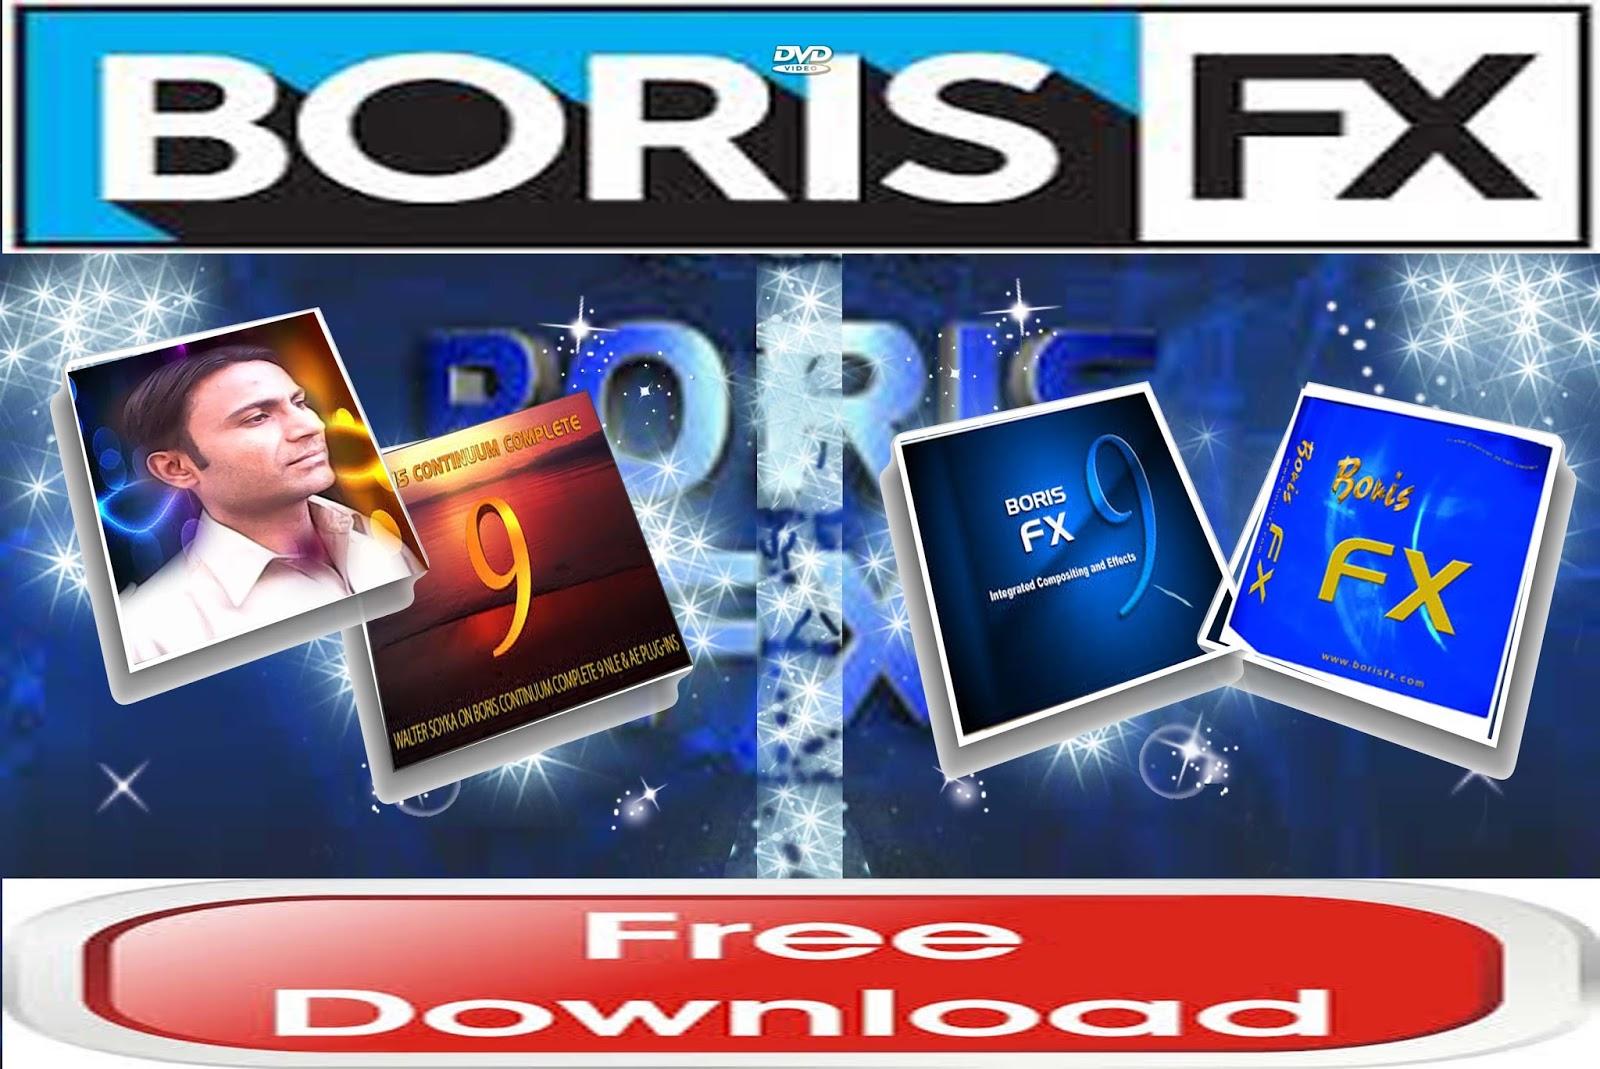 boris fx 9.2 for edius 6 free download